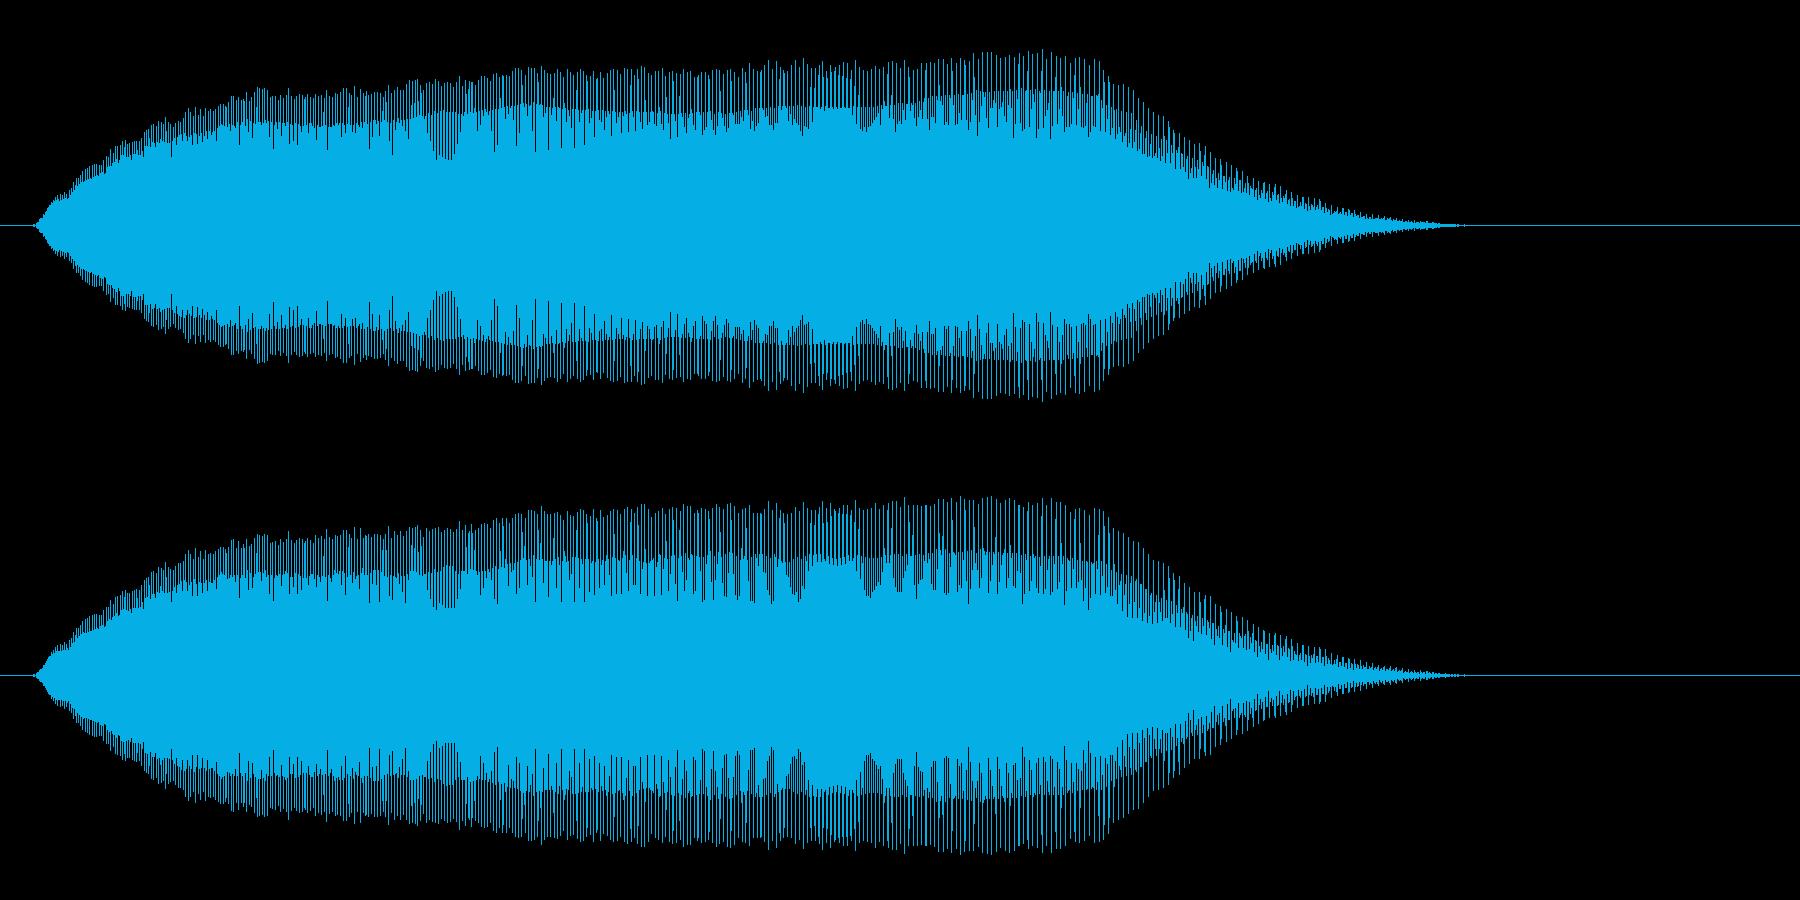 ピュゥゥ〜ン(飛ぶ音)の再生済みの波形